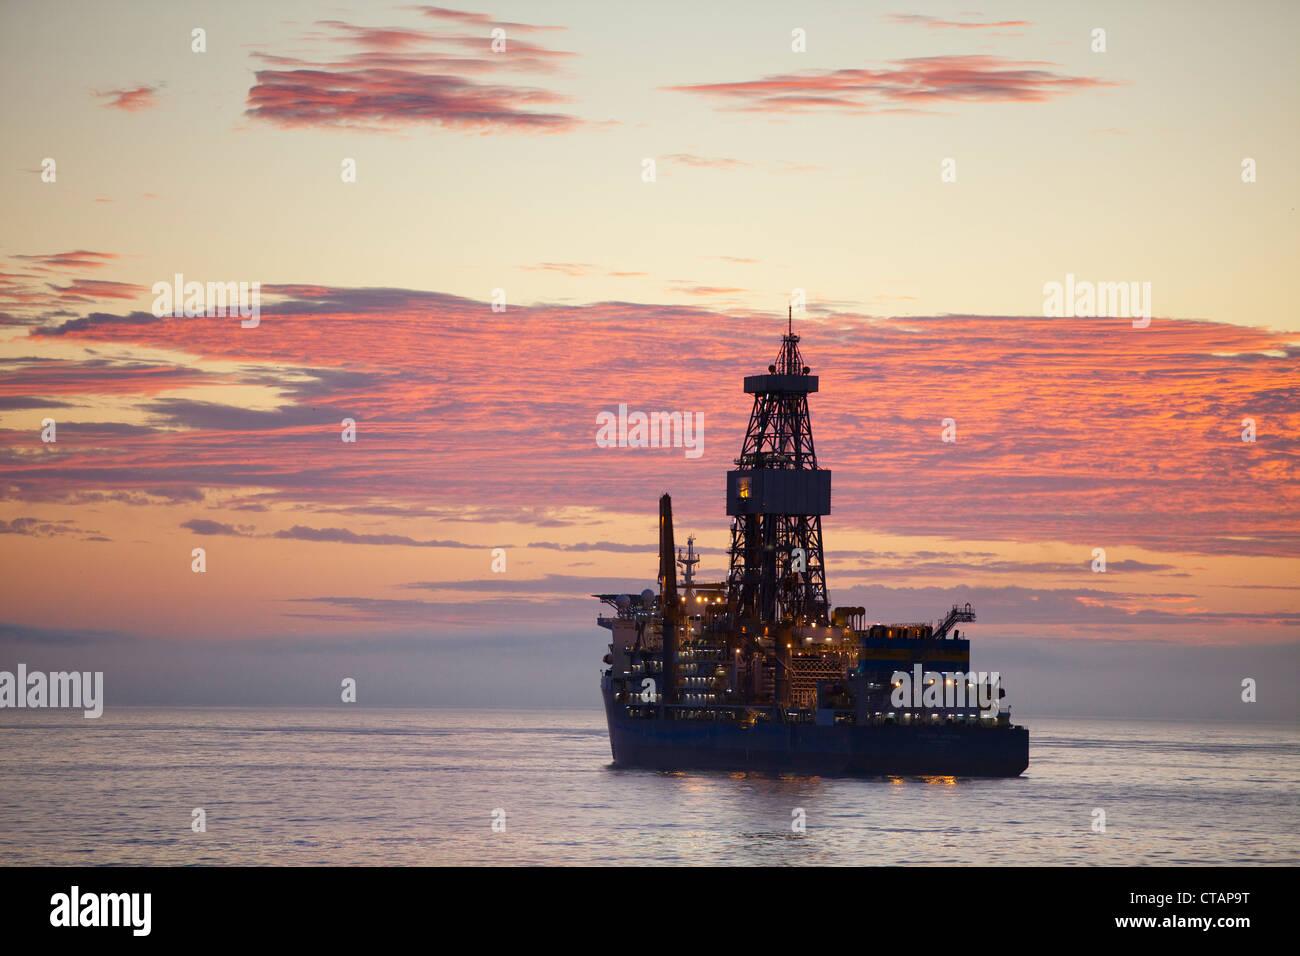 Oil drilling ship Pacific Mistral, Pacific Drilling, at sunrise, near Rio de Janeiro, Rio de Janeiro, Brazil, South America Stock Photo